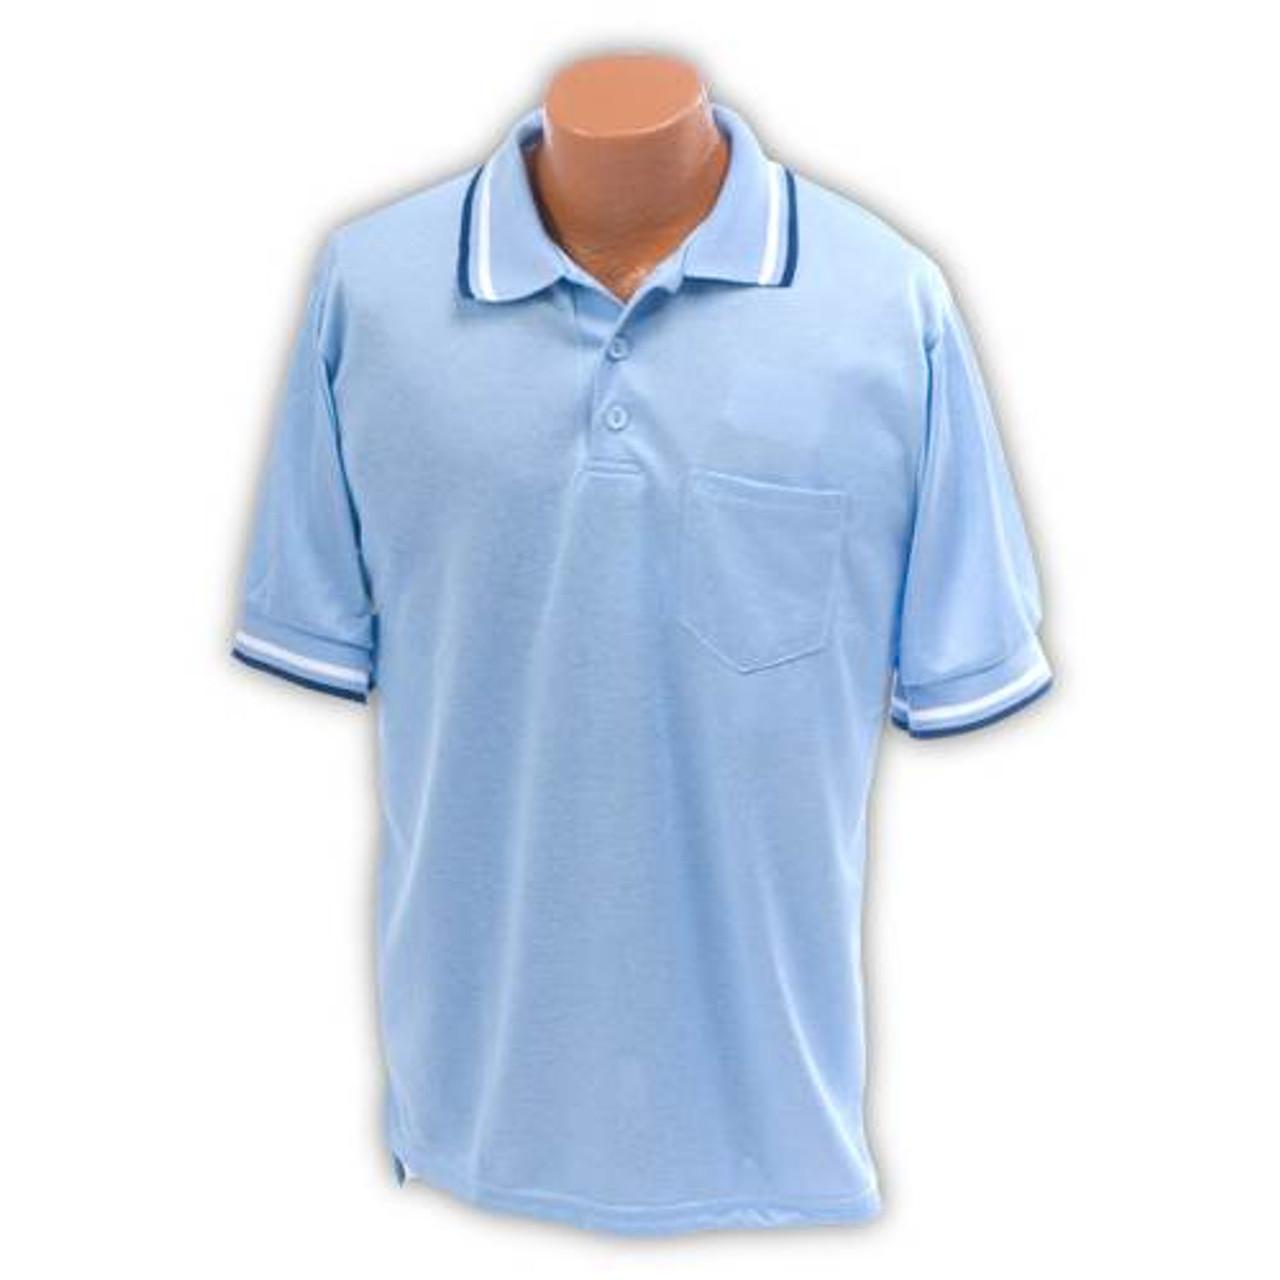 Baseball Umpire Shirt Light Blue 3XL